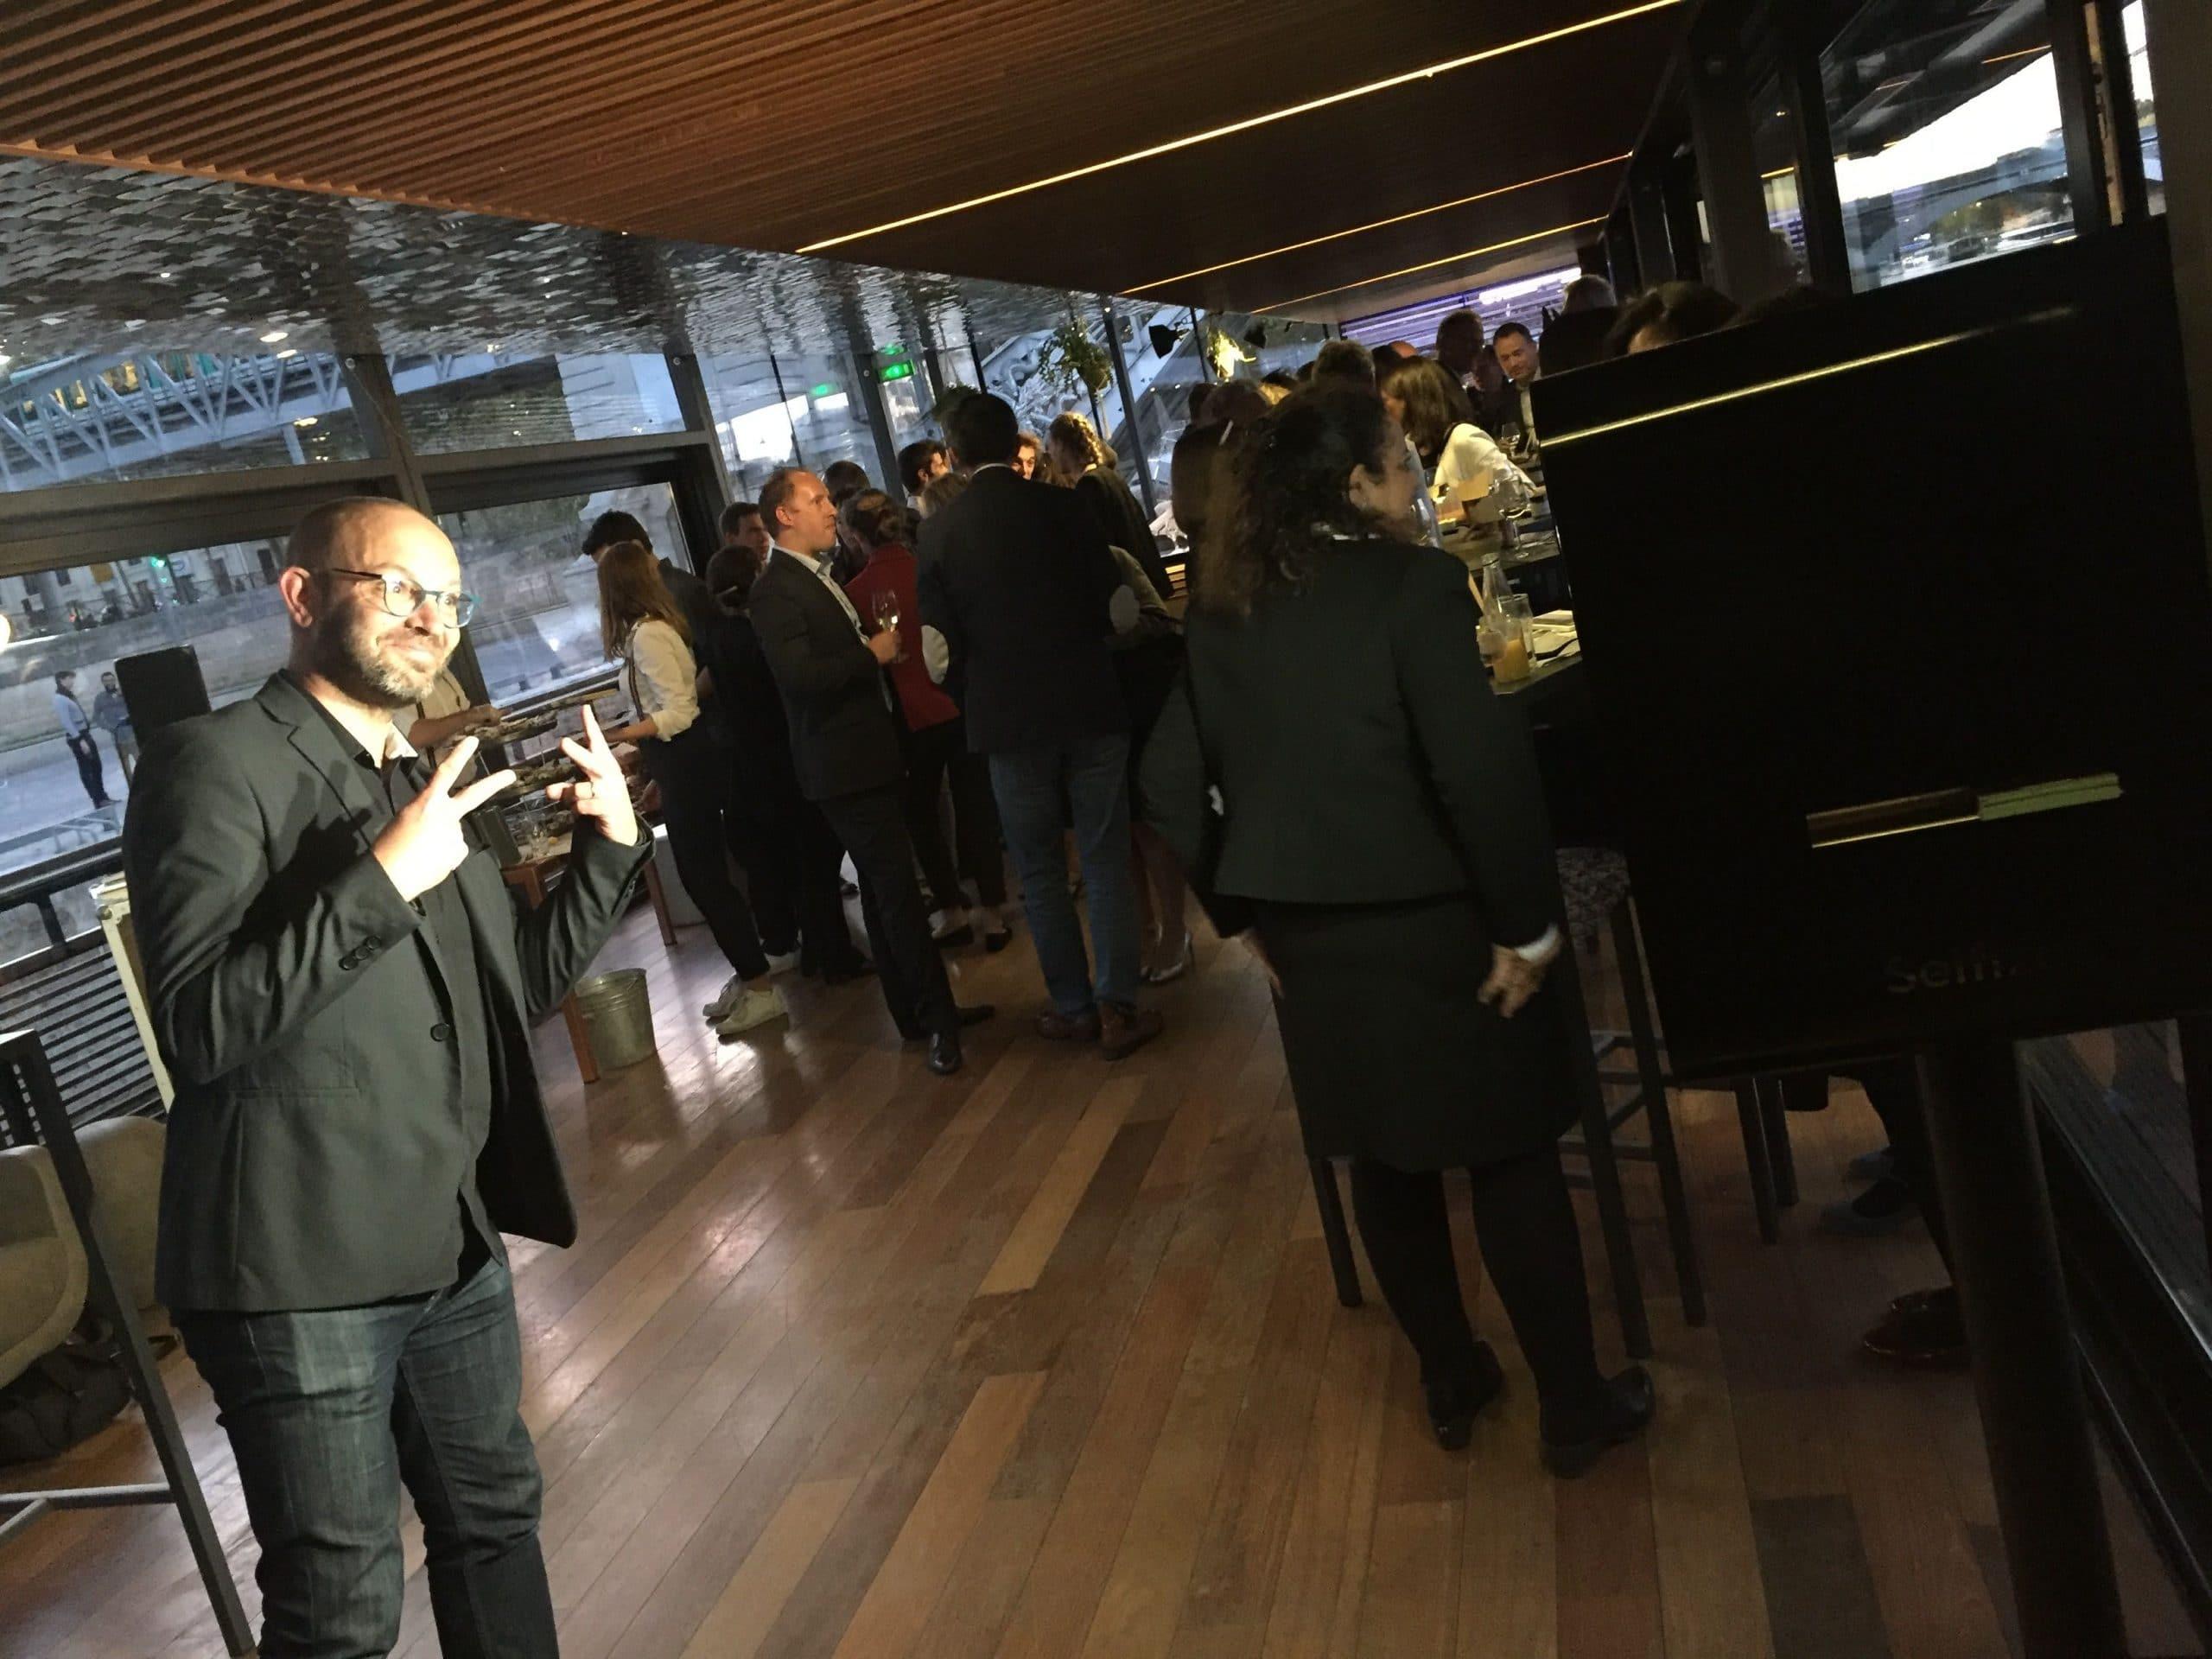 Borne photo connectée animation selfieà événement Club TGV Bretagne sur les quais de la Seine à Paris